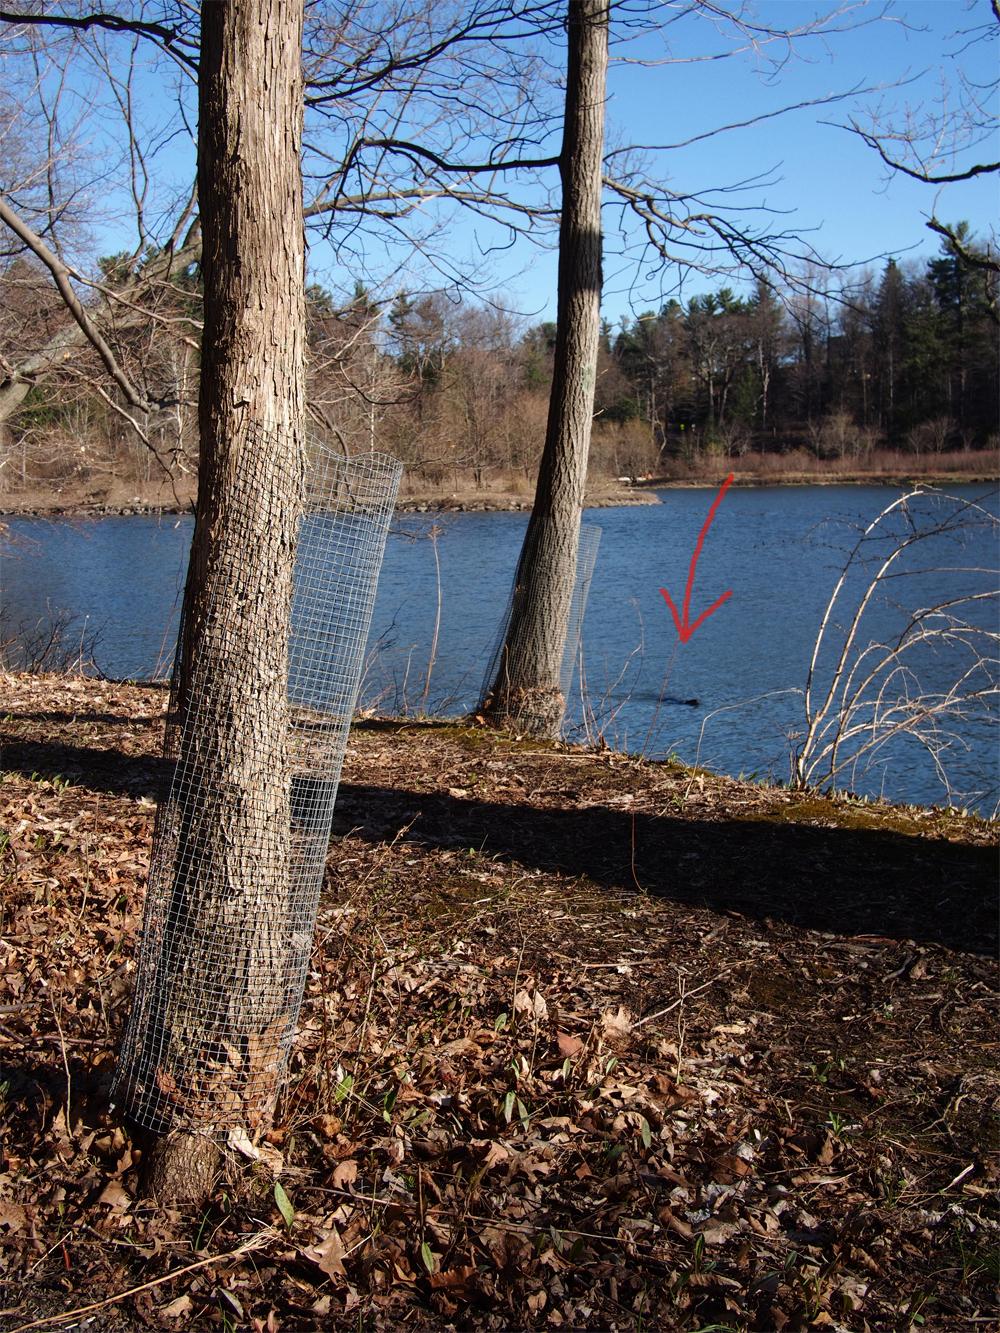 Baumschutz. Der rote Pfeil zeigt auf den im Hintergrund schwimmenden Biber